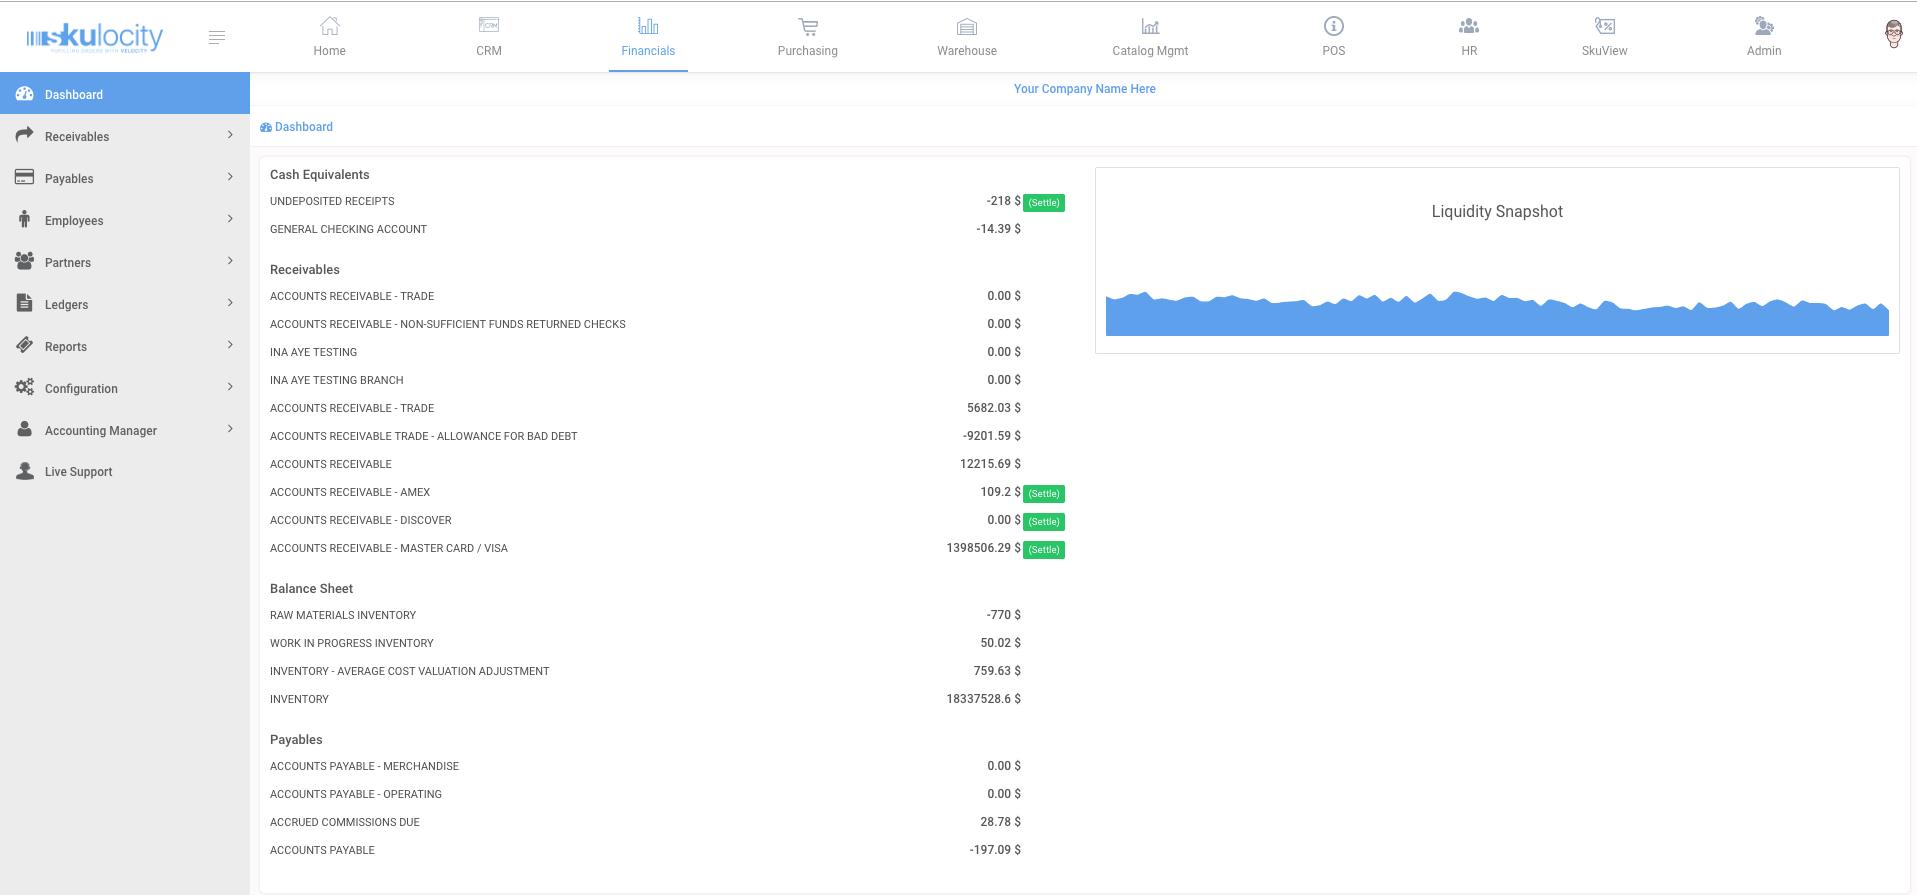 Skulocity finance dashboard